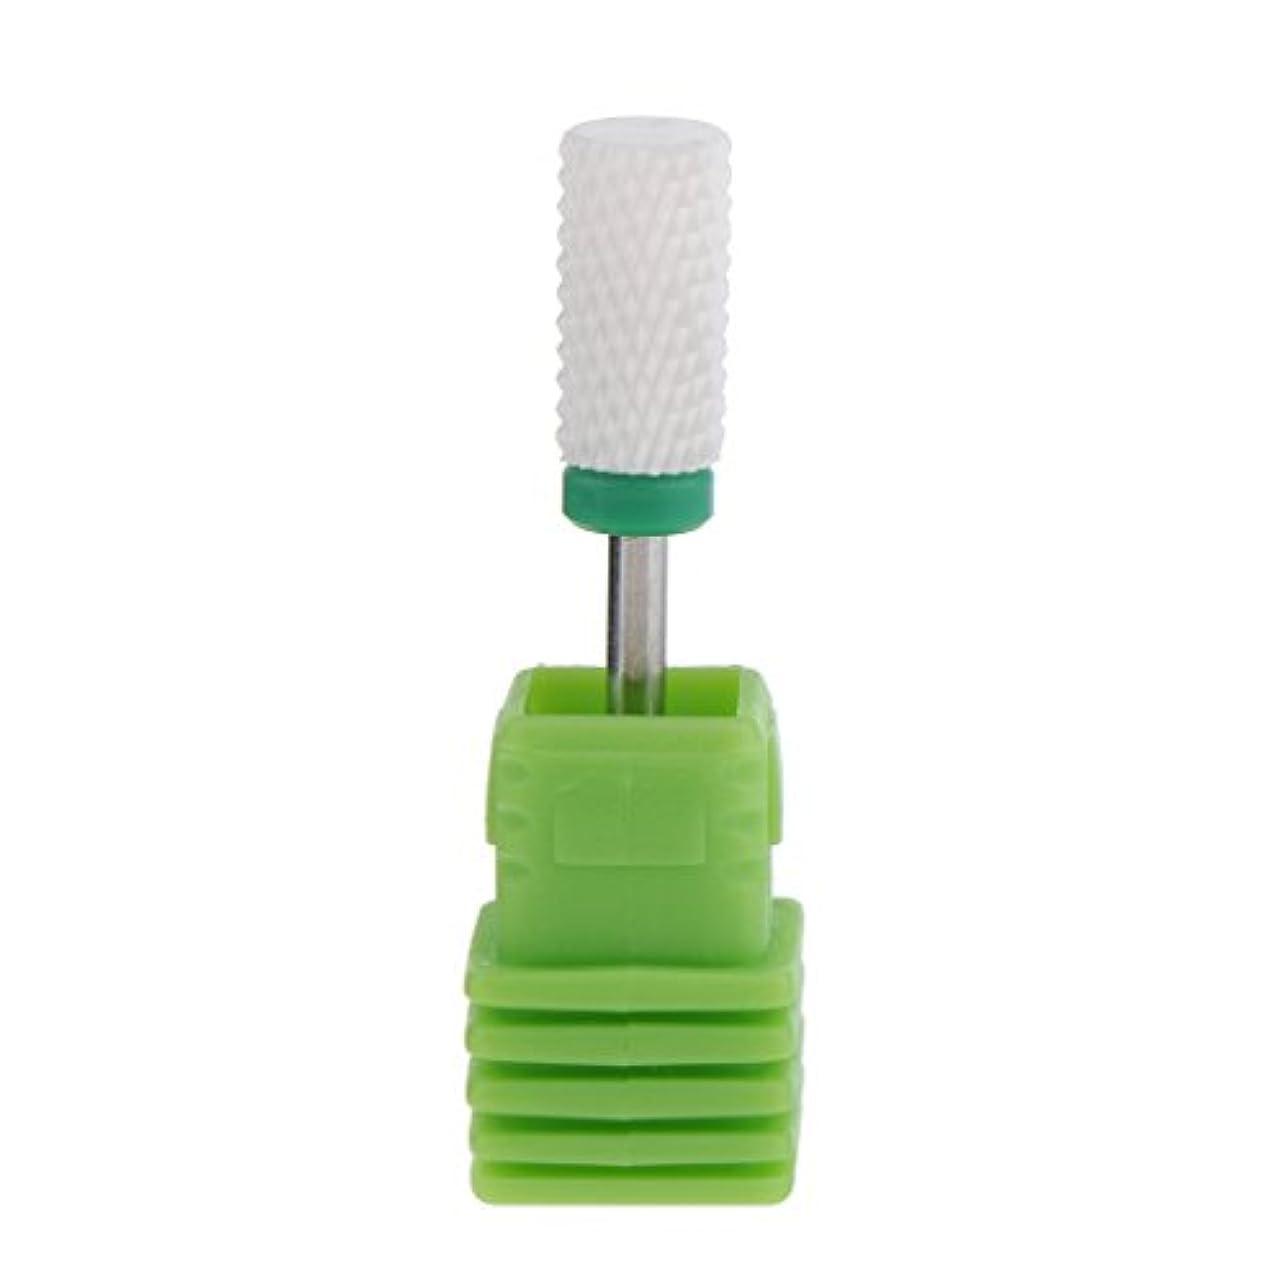 モスク旋律的完璧なネイルアート ドリルビット 研磨ヘッド 電気ドリルビット セラミック ネイル 全6色 - グリーン